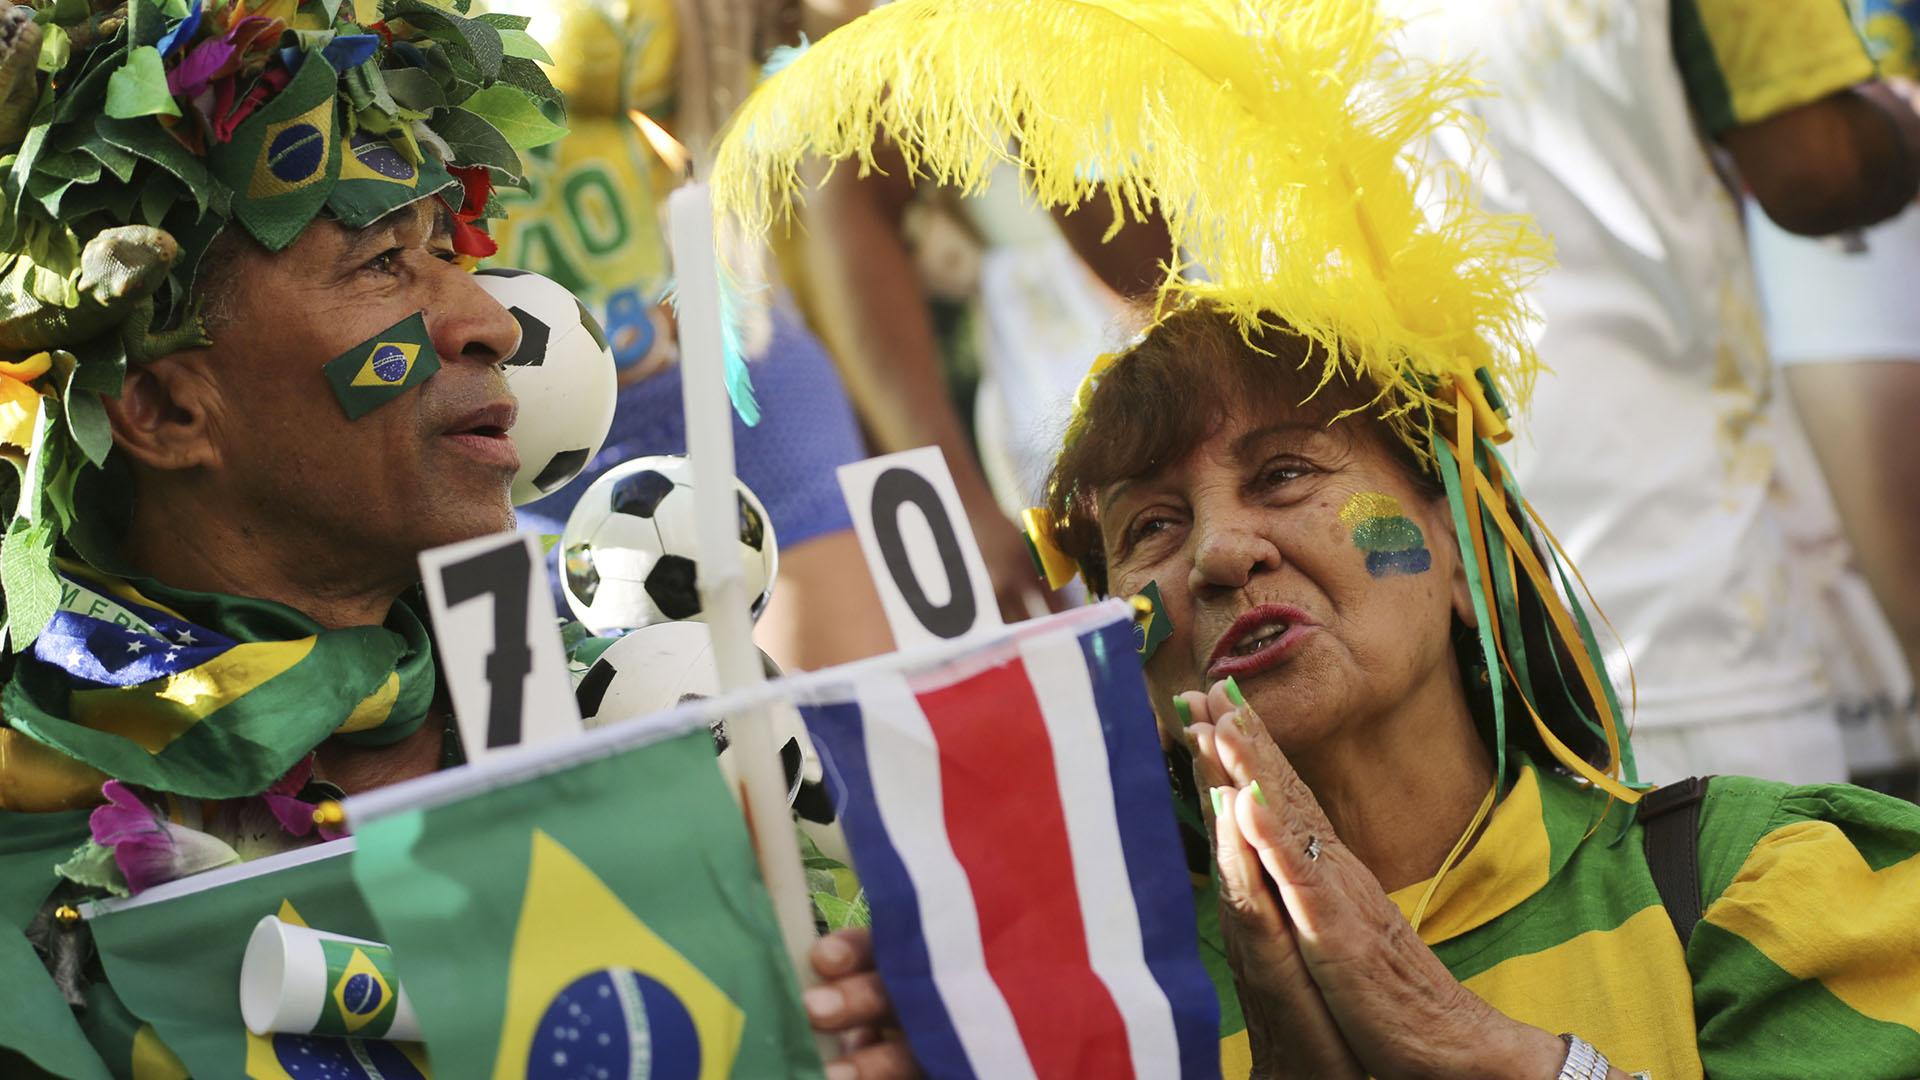 Los fanáticos brasileños estaban confiados en la victoria